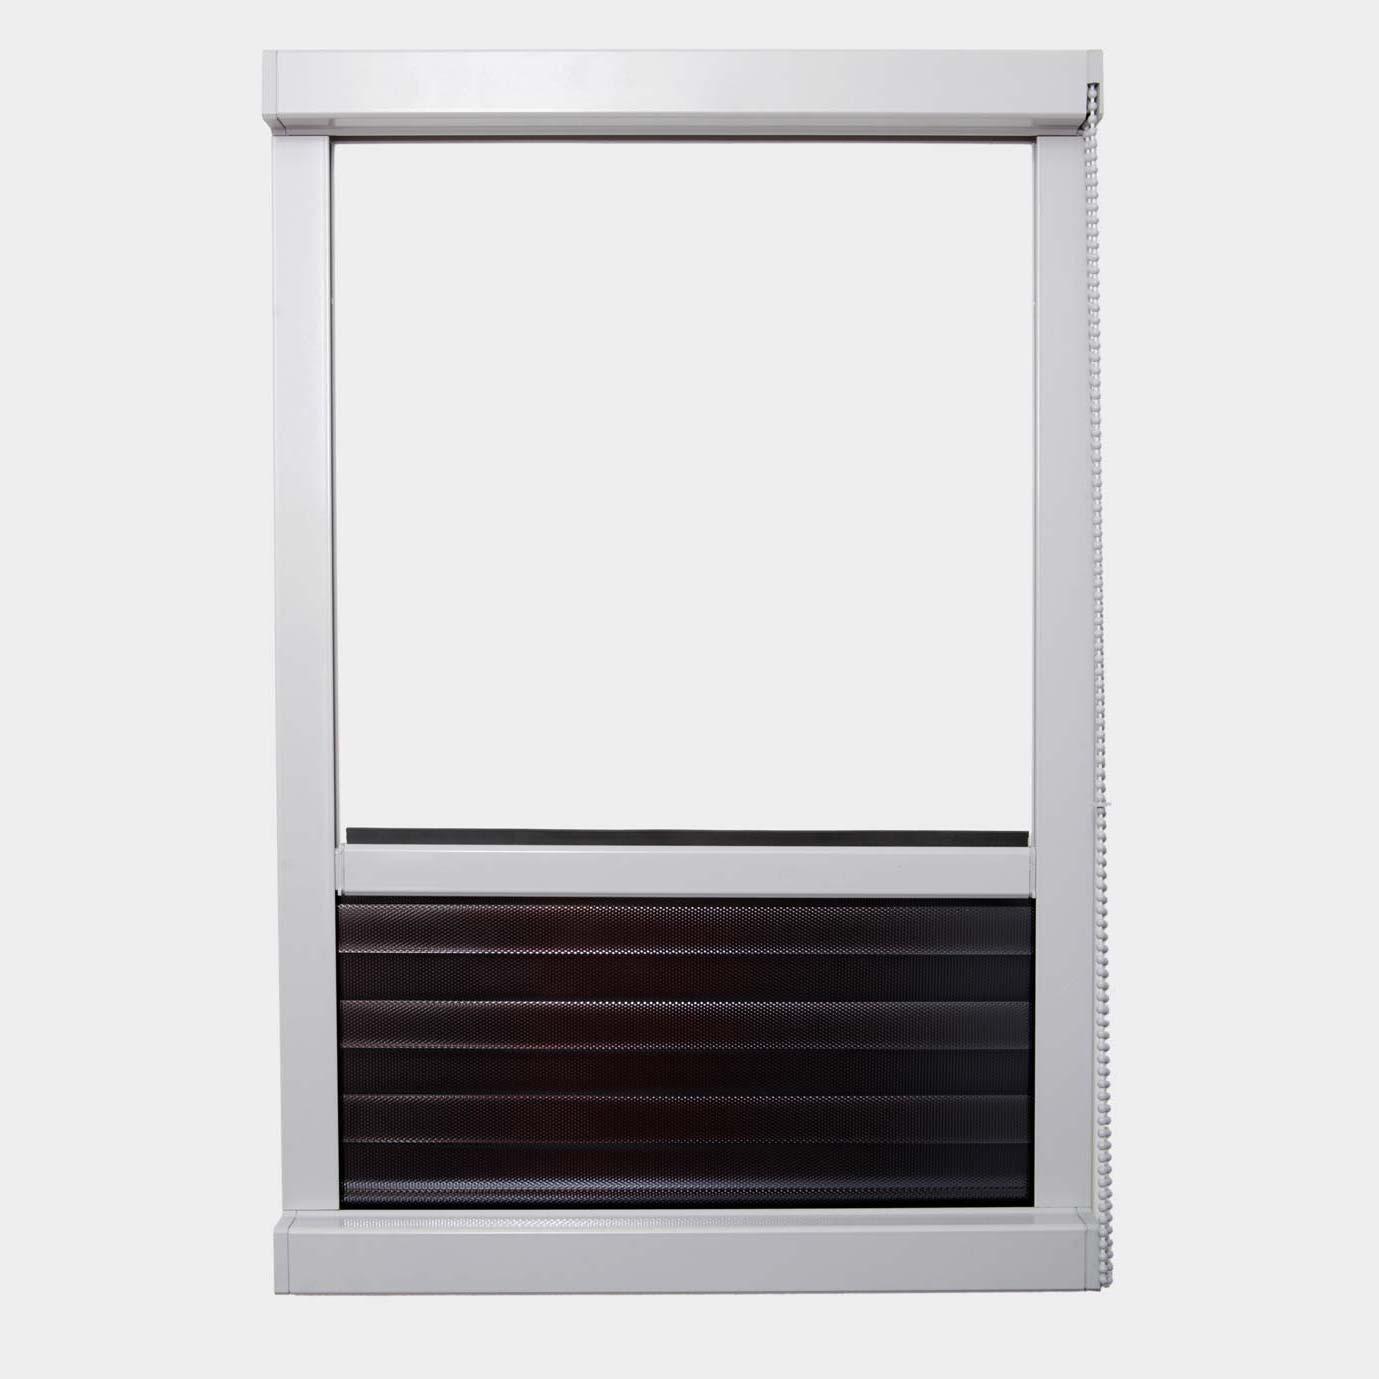 Full Size of Am Fenster Hochreflektierend Vom Hersteller Alarmanlagen Für Und Türen Innen Alarmanlage Auf Maß Rolladen Nachträglich Einbauen Absturzsicherung Veka Wohnzimmer Jalousie Innen Fenster